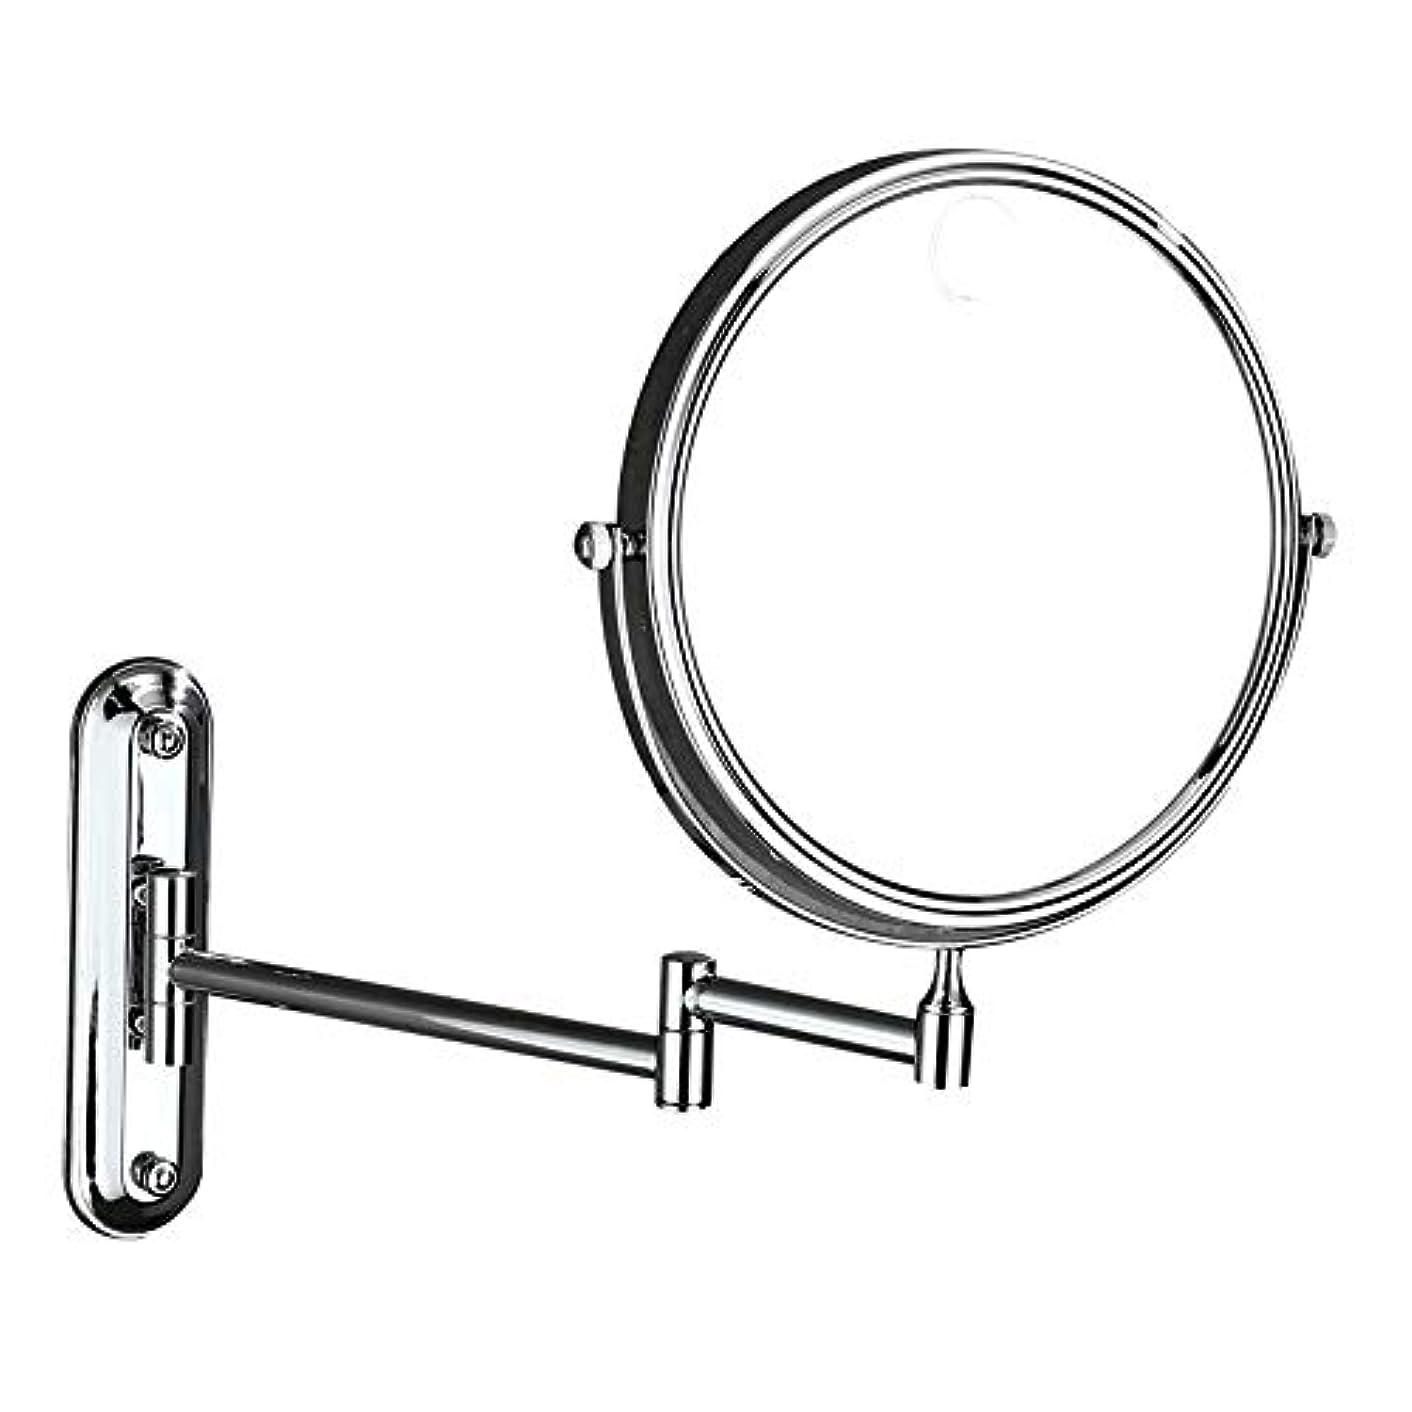 見つけたエリート富豪化粧鏡 3倍拡大鏡壁掛け折りたたみ美容化粧鏡8インチ両面回転拡張可能なバスルームバニティミラーヴィンテージシェービングミラー (色 : 銀, サイズ : ワンサイズ)